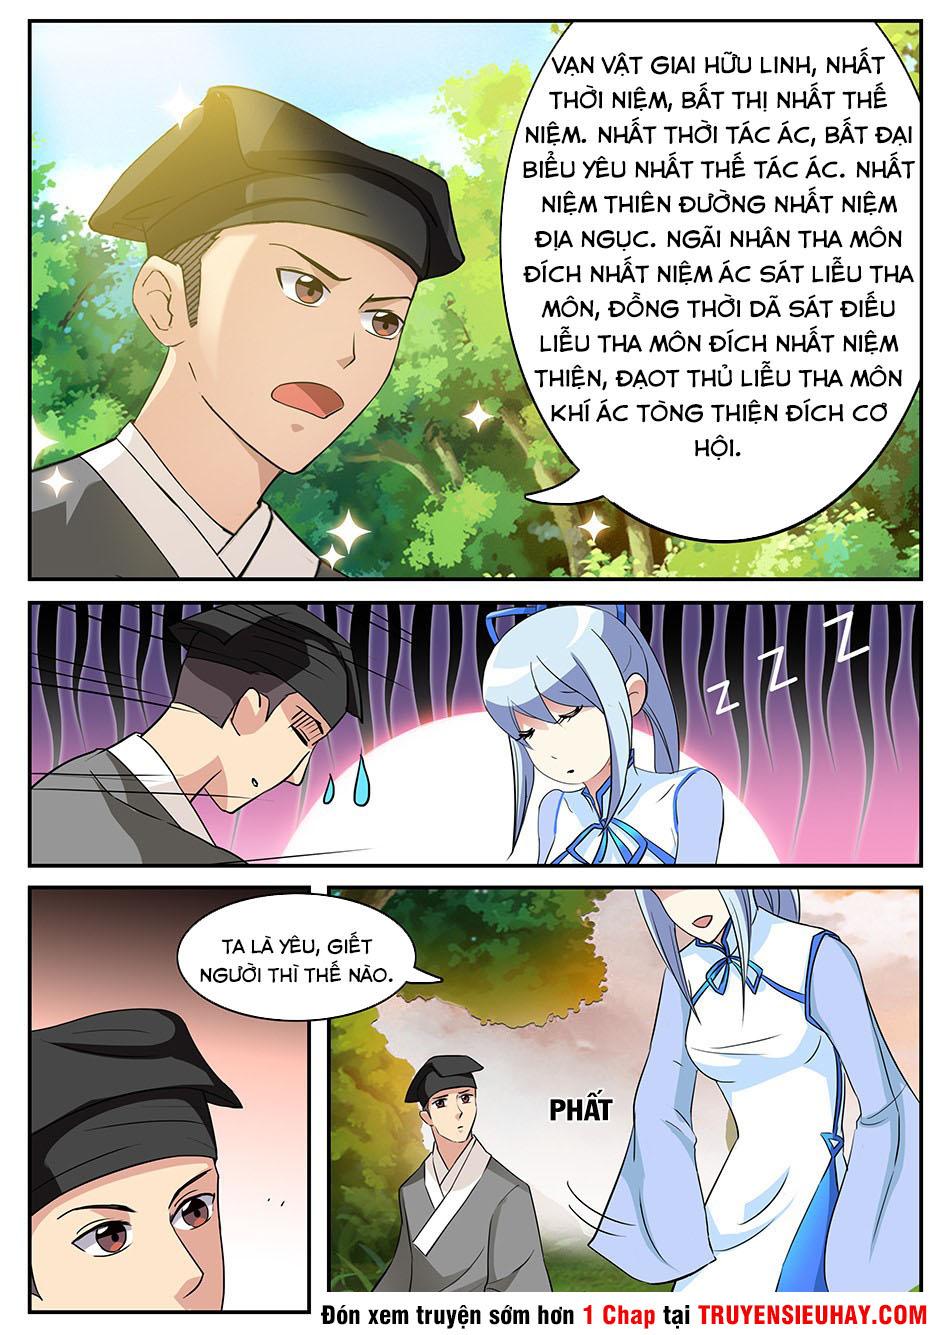 Cực Phẩm Tu Chân Thiếu Niên Chapter 40 - Hamtruyen.vn